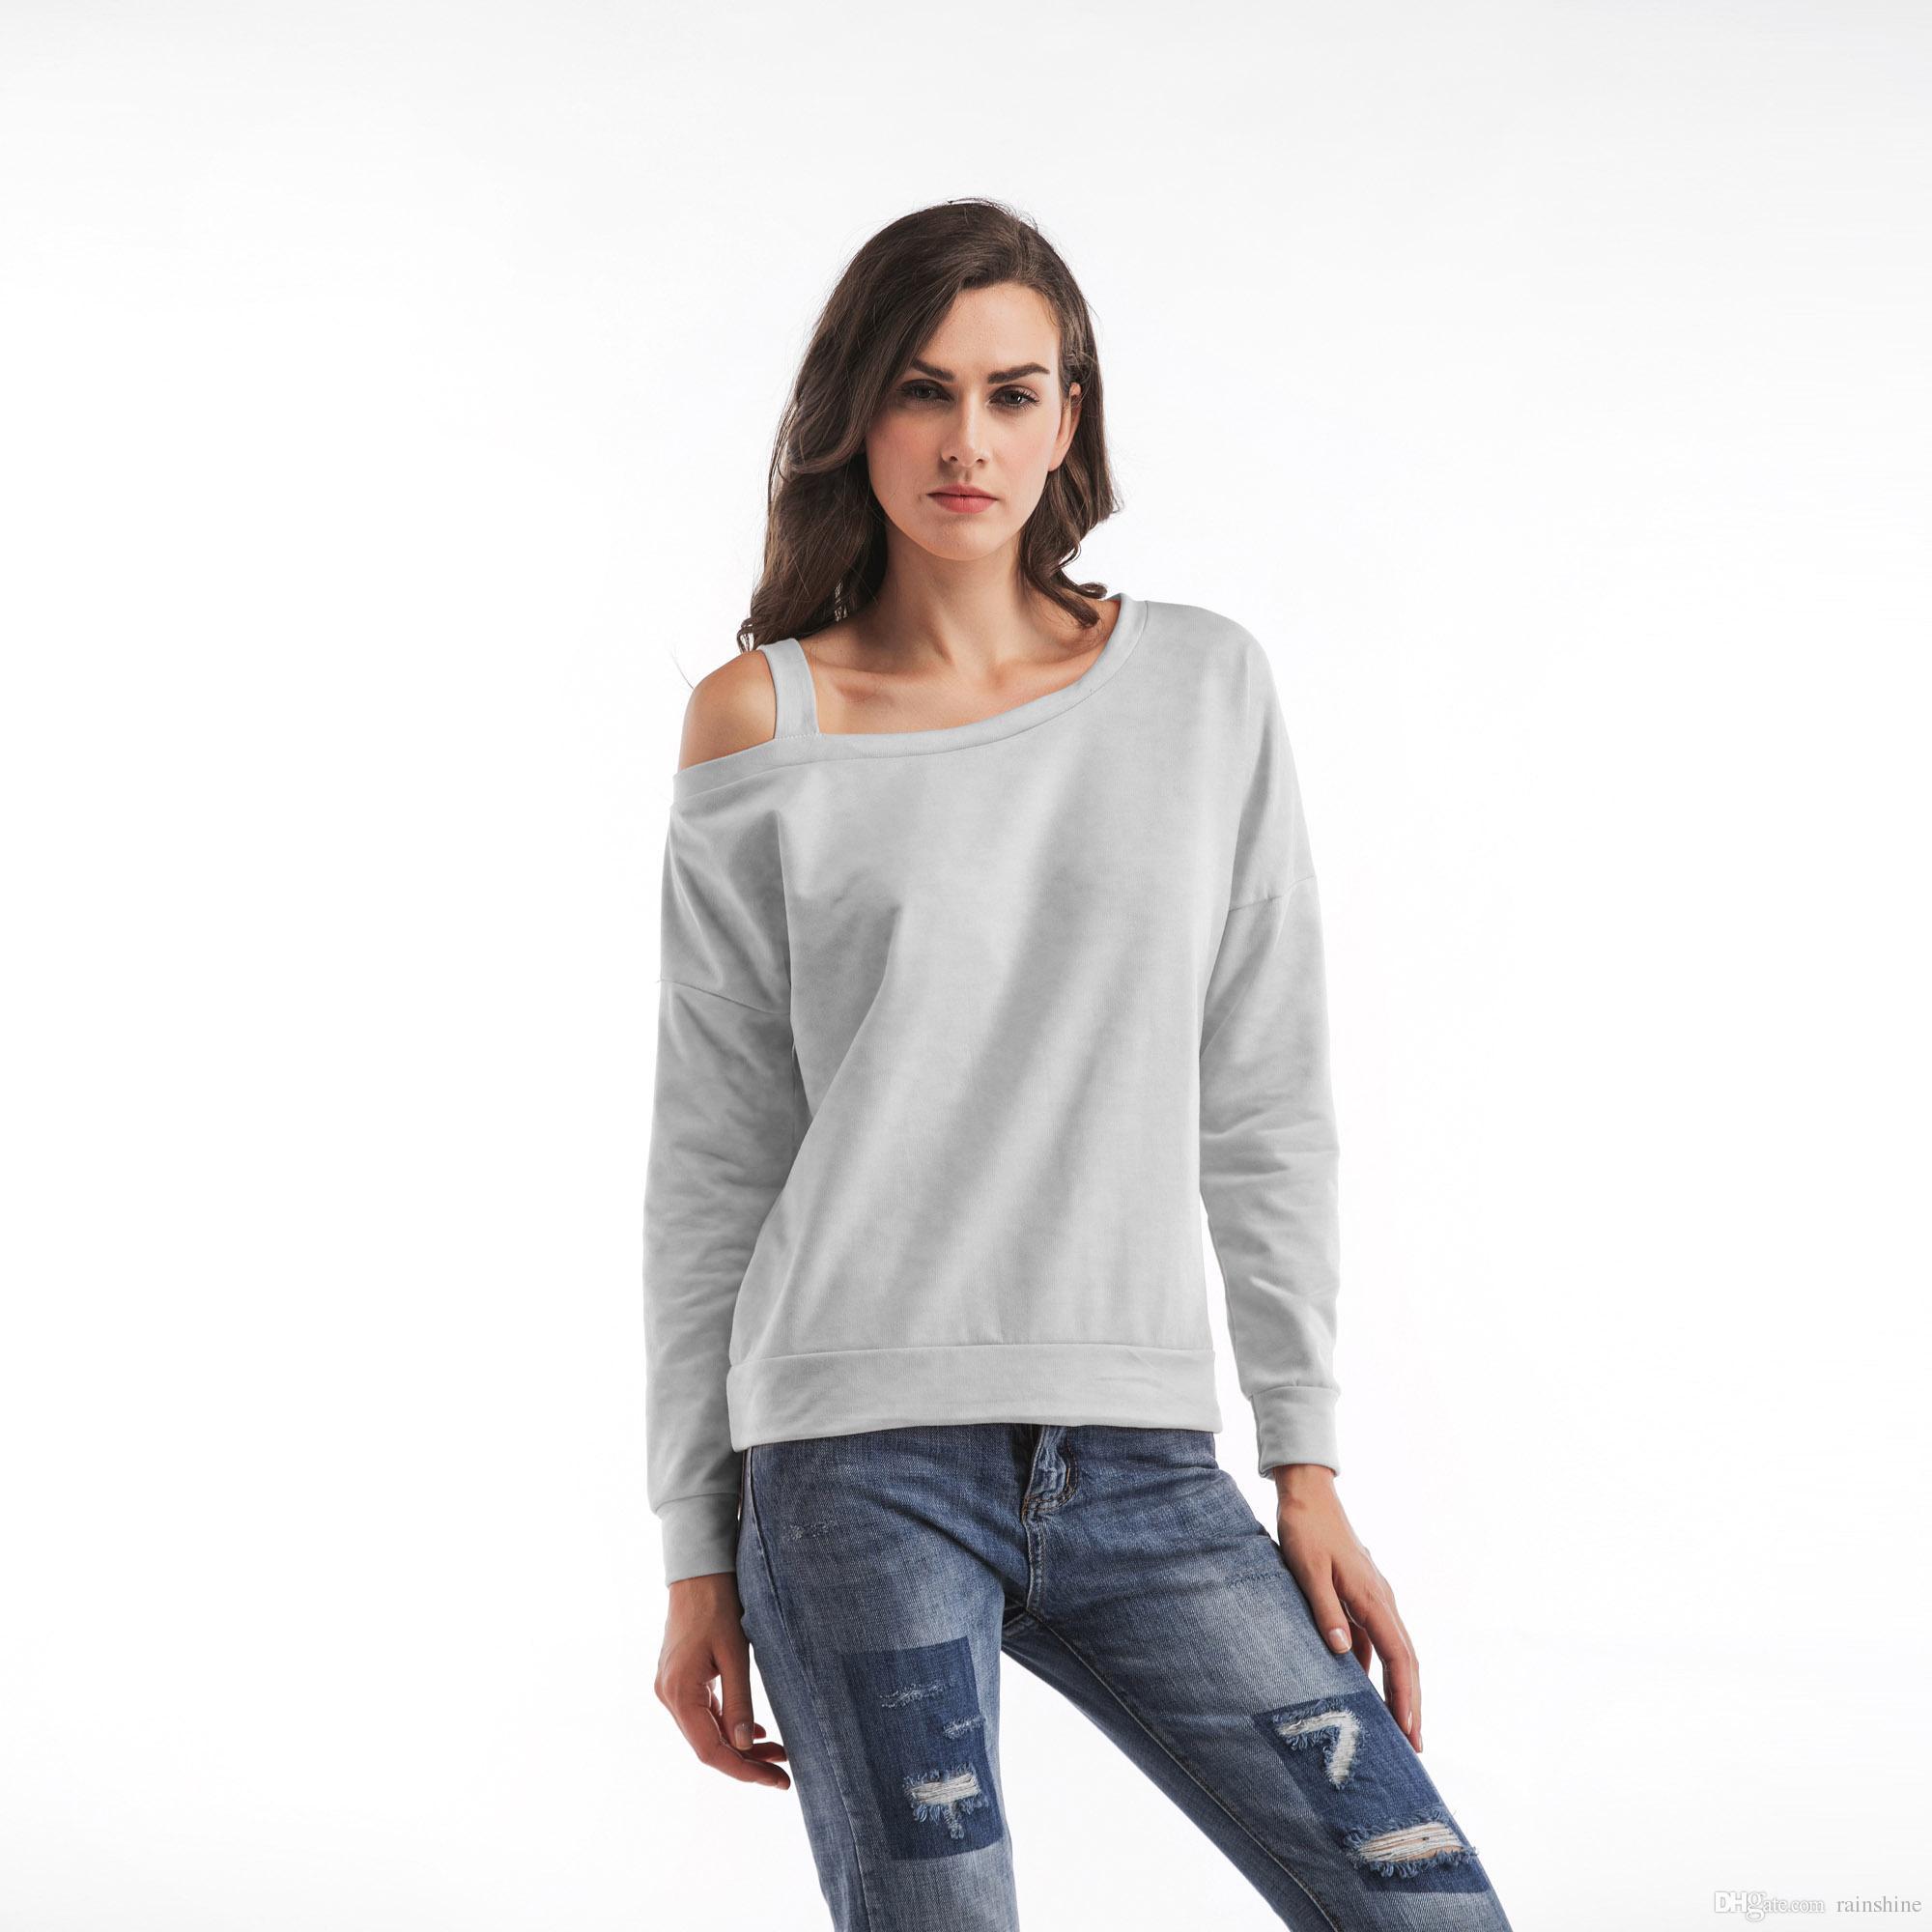 8a9101b9aaeb4 Acquista 2017 Abbigliamento Casual Donna Tubo Abito Manica Lunga Pullover  Con Fasciatura Felpe Con Cappuccio Invernale In Pile Da Donna Outdoor A   17.26 Dal ...